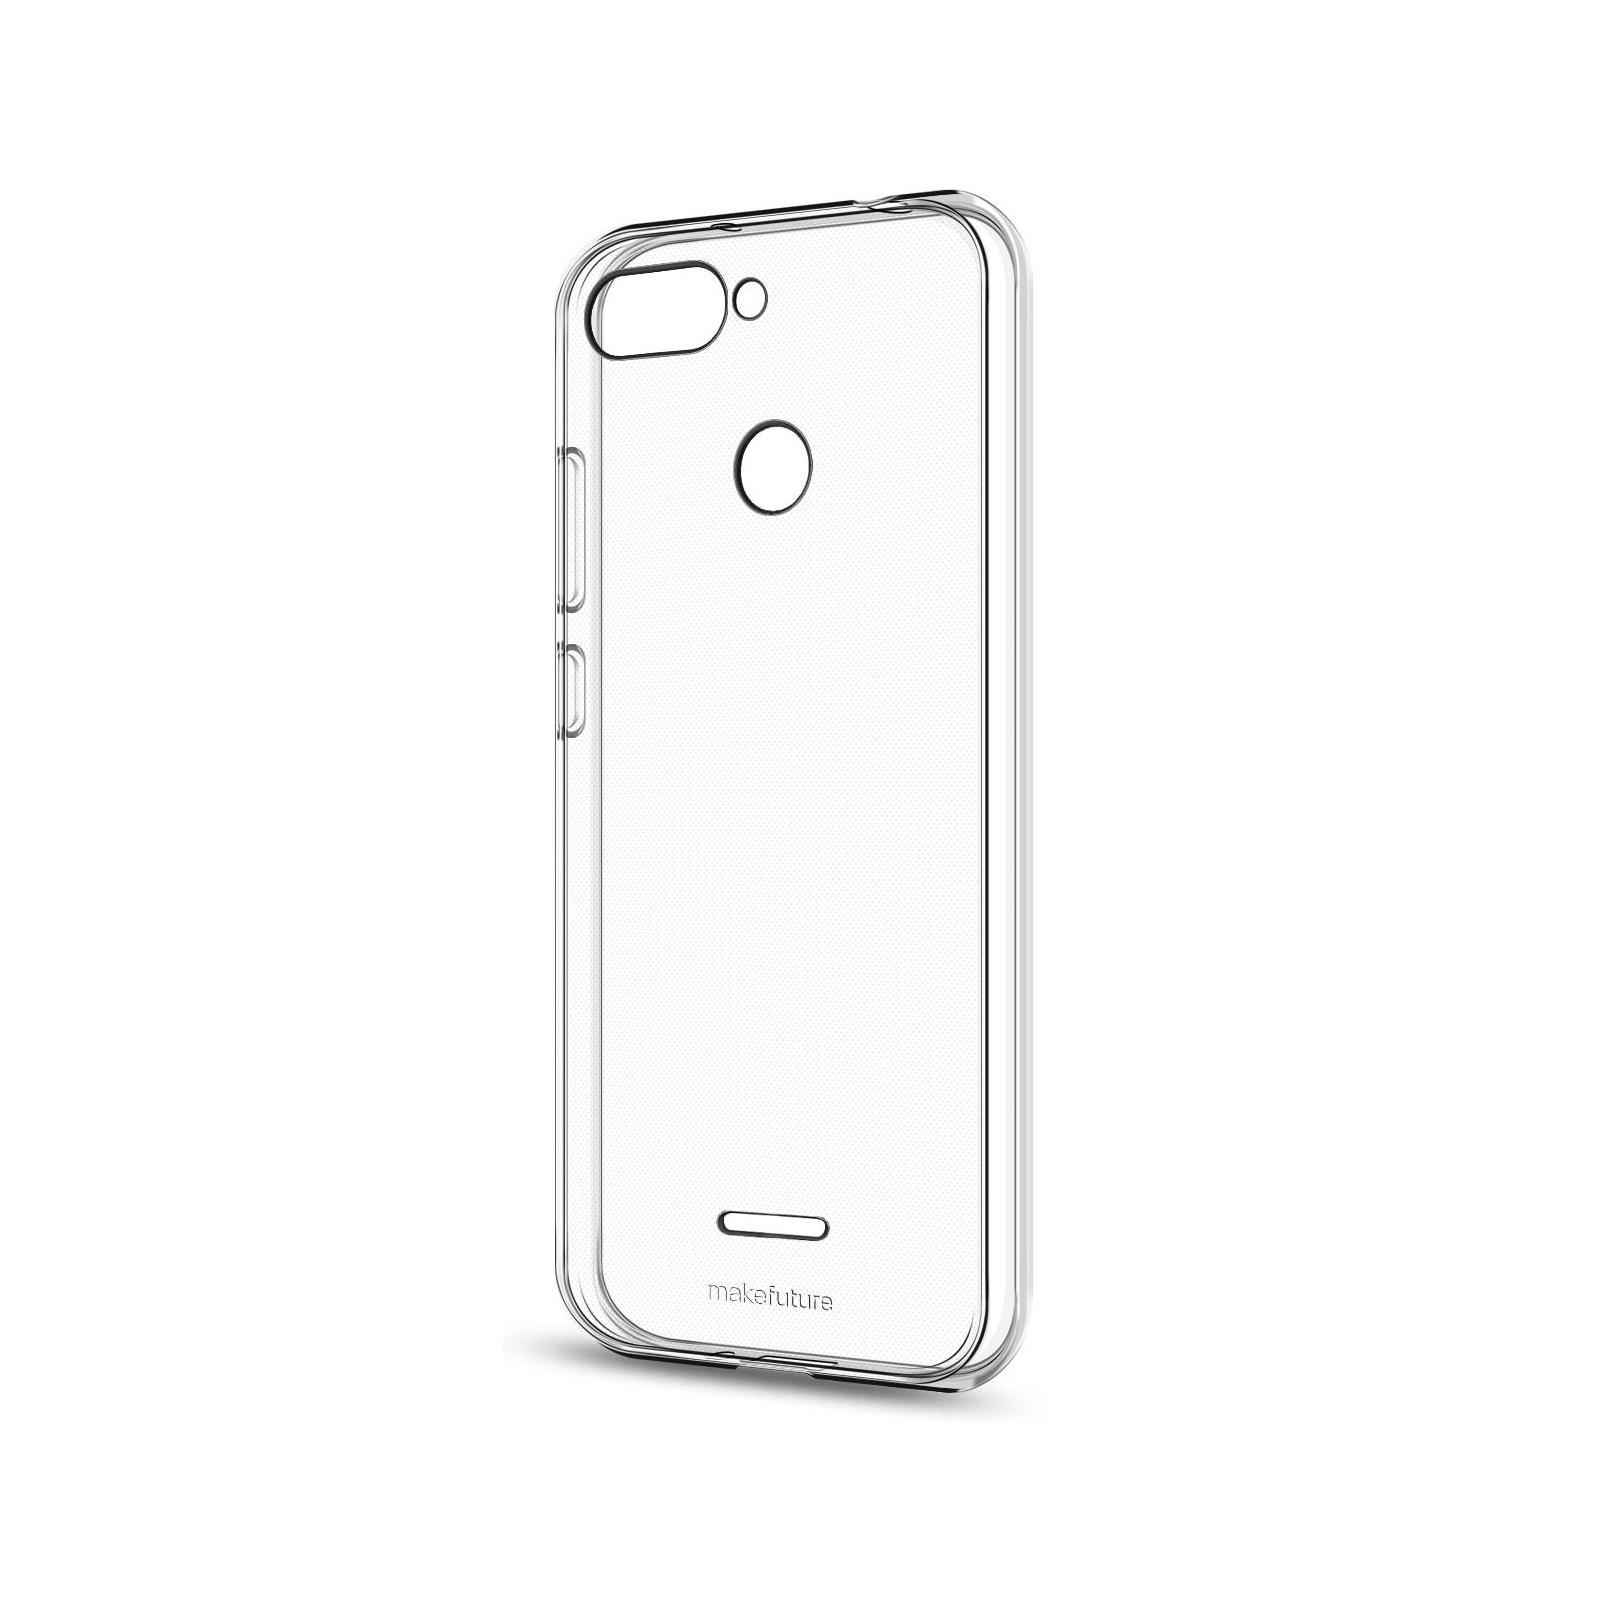 Чехол для моб. телефона MakeFuture Air Case (Clear TPU) Xiaomi Redmi 6 (MCA-XR6)